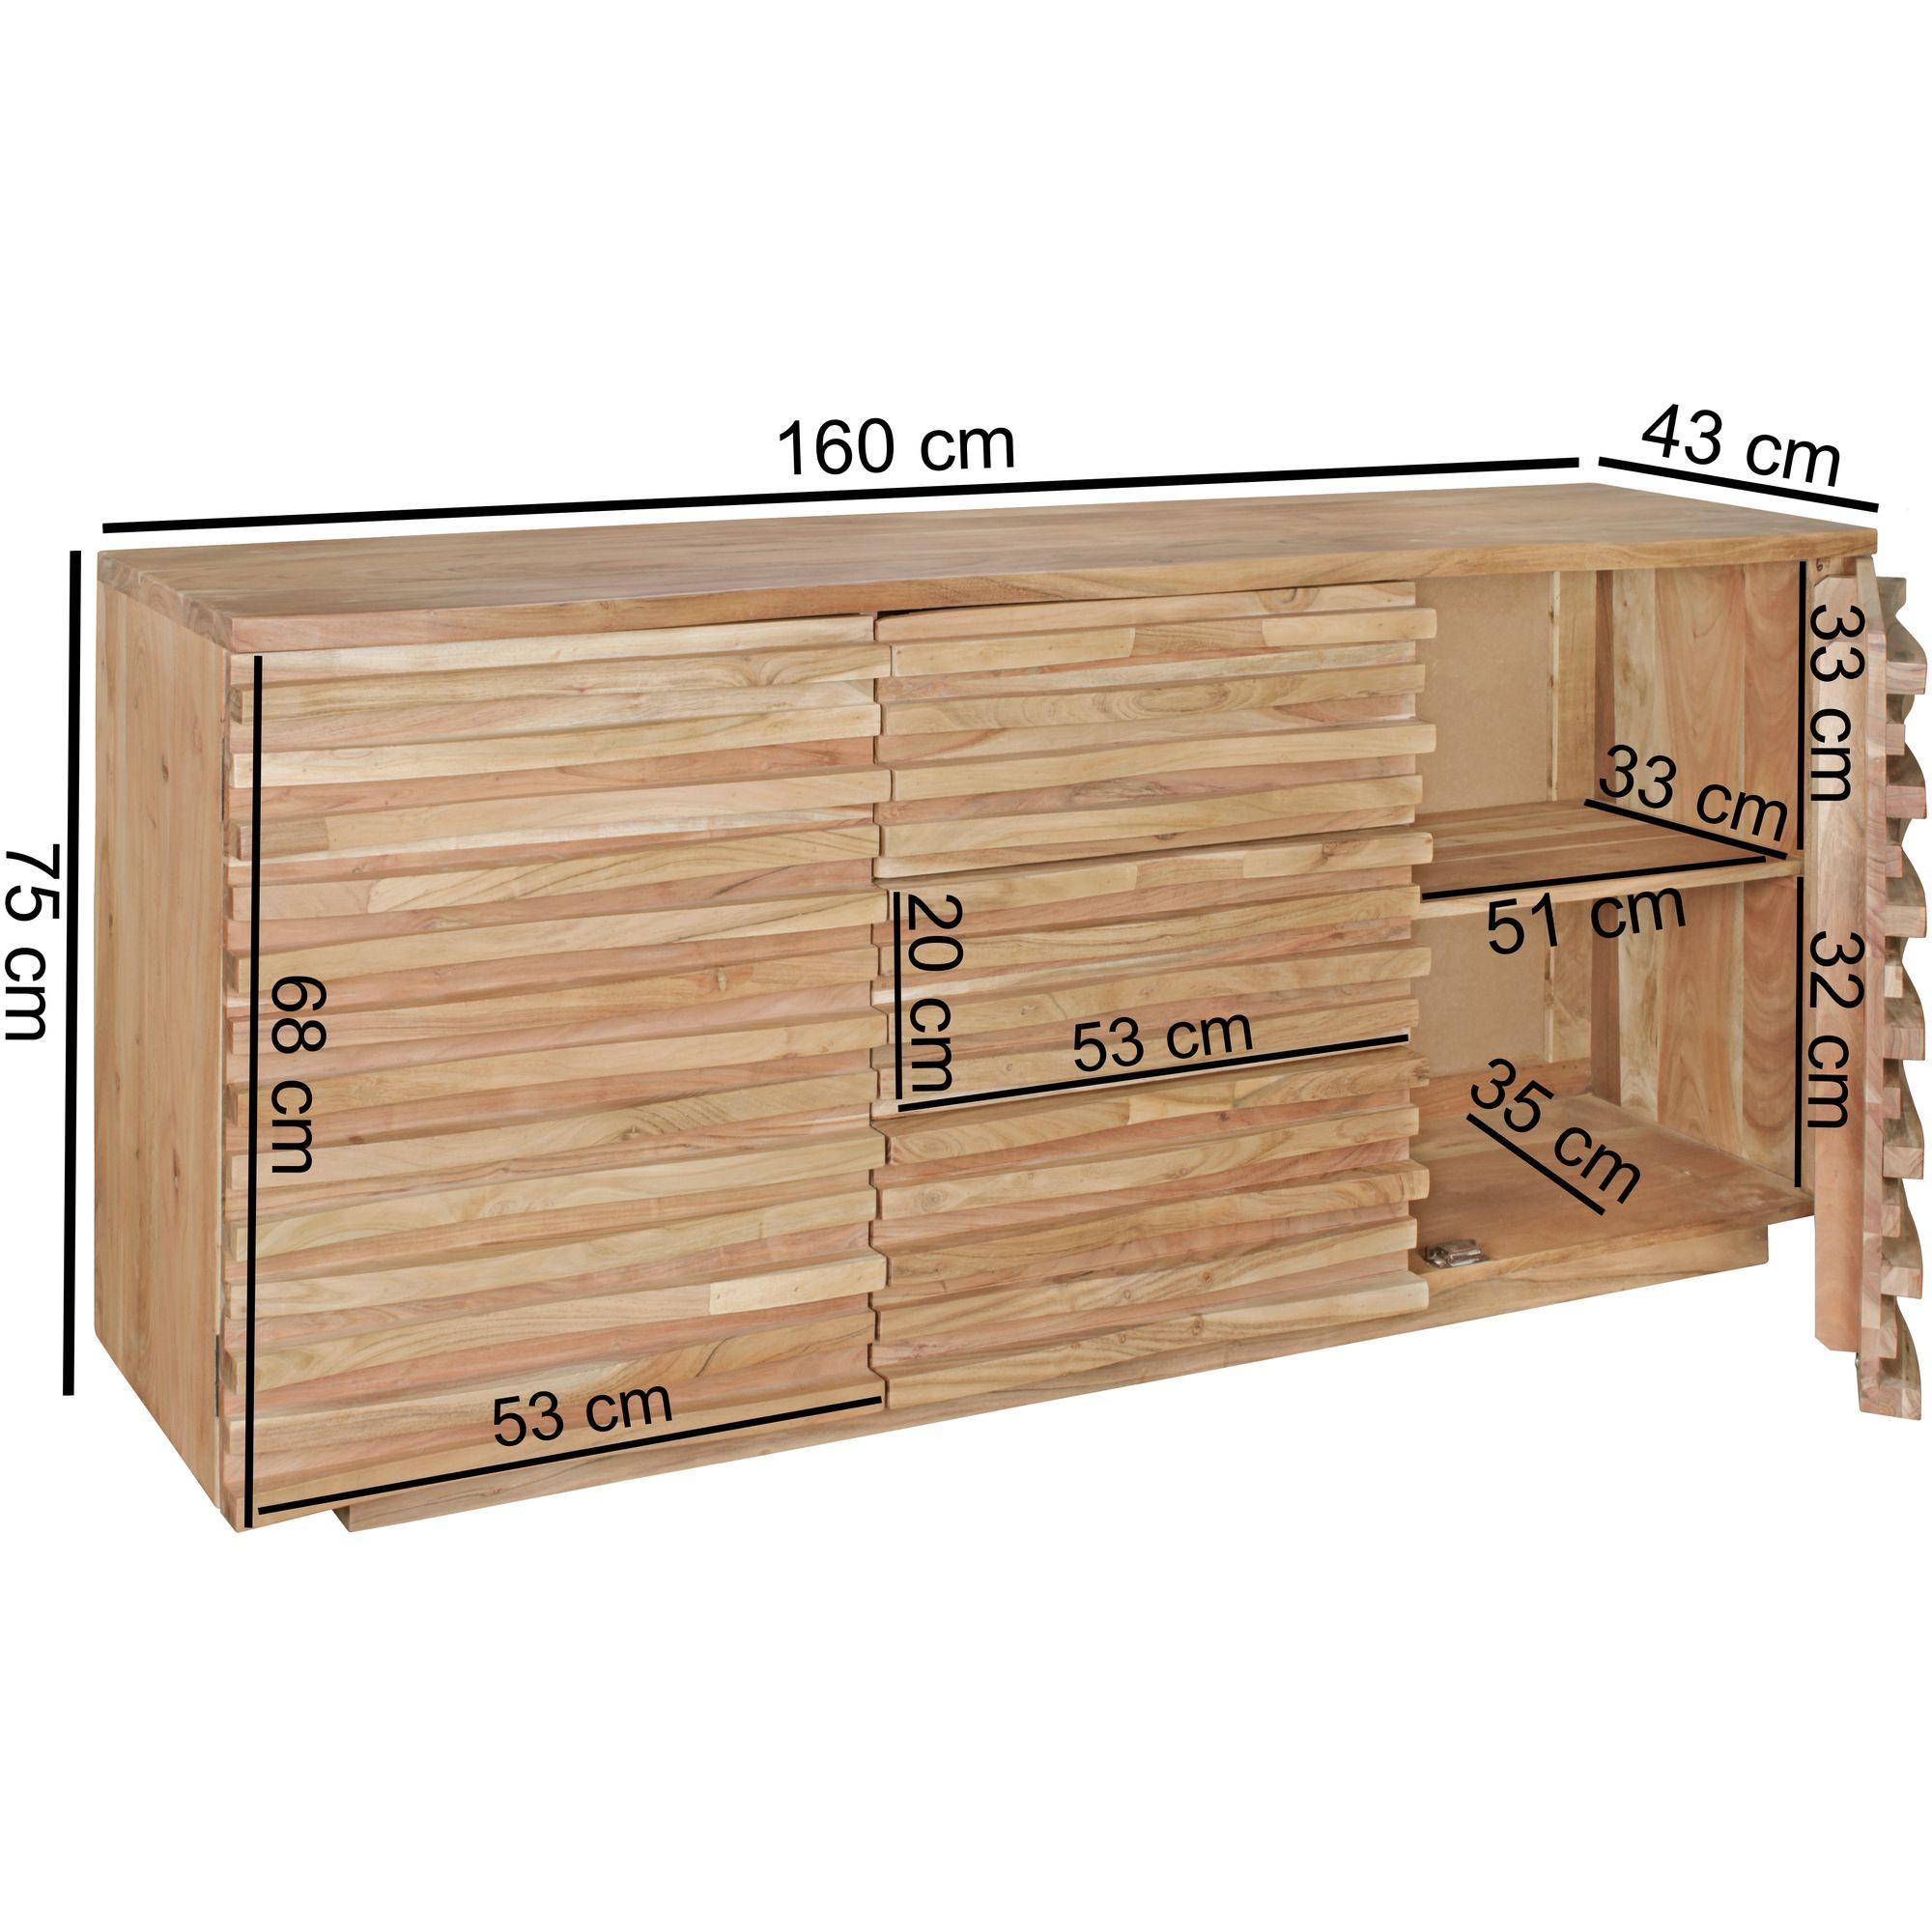 Wohnling Sideboard Massivholz Akazie 160 Cm Anrichte Schublade